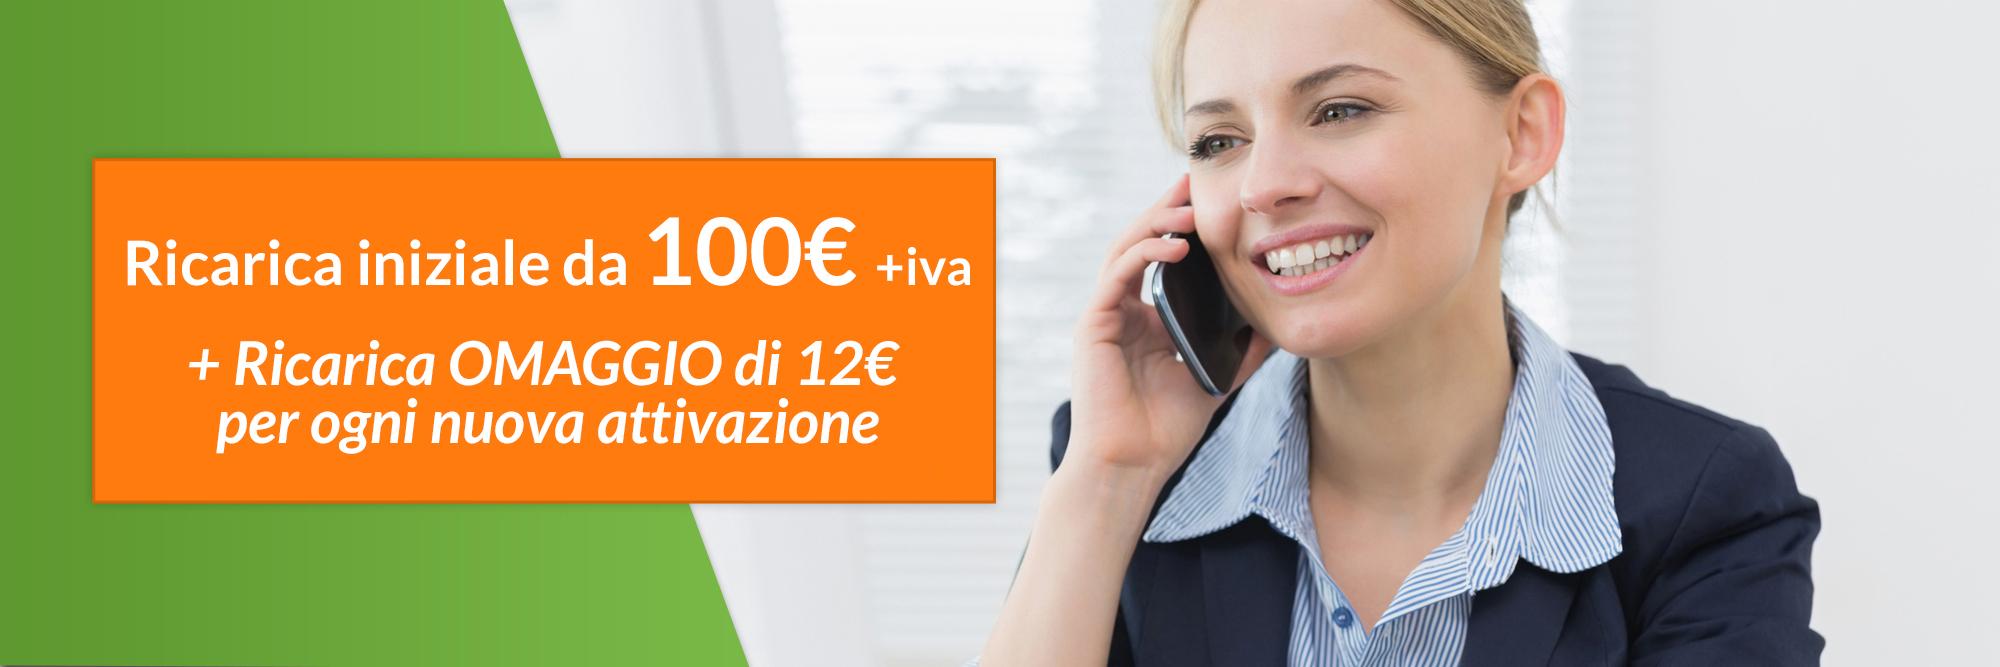 Ricarica iniziale da 100€ +iva, ricarica omaggio di 12€per ogni nuova attivazione